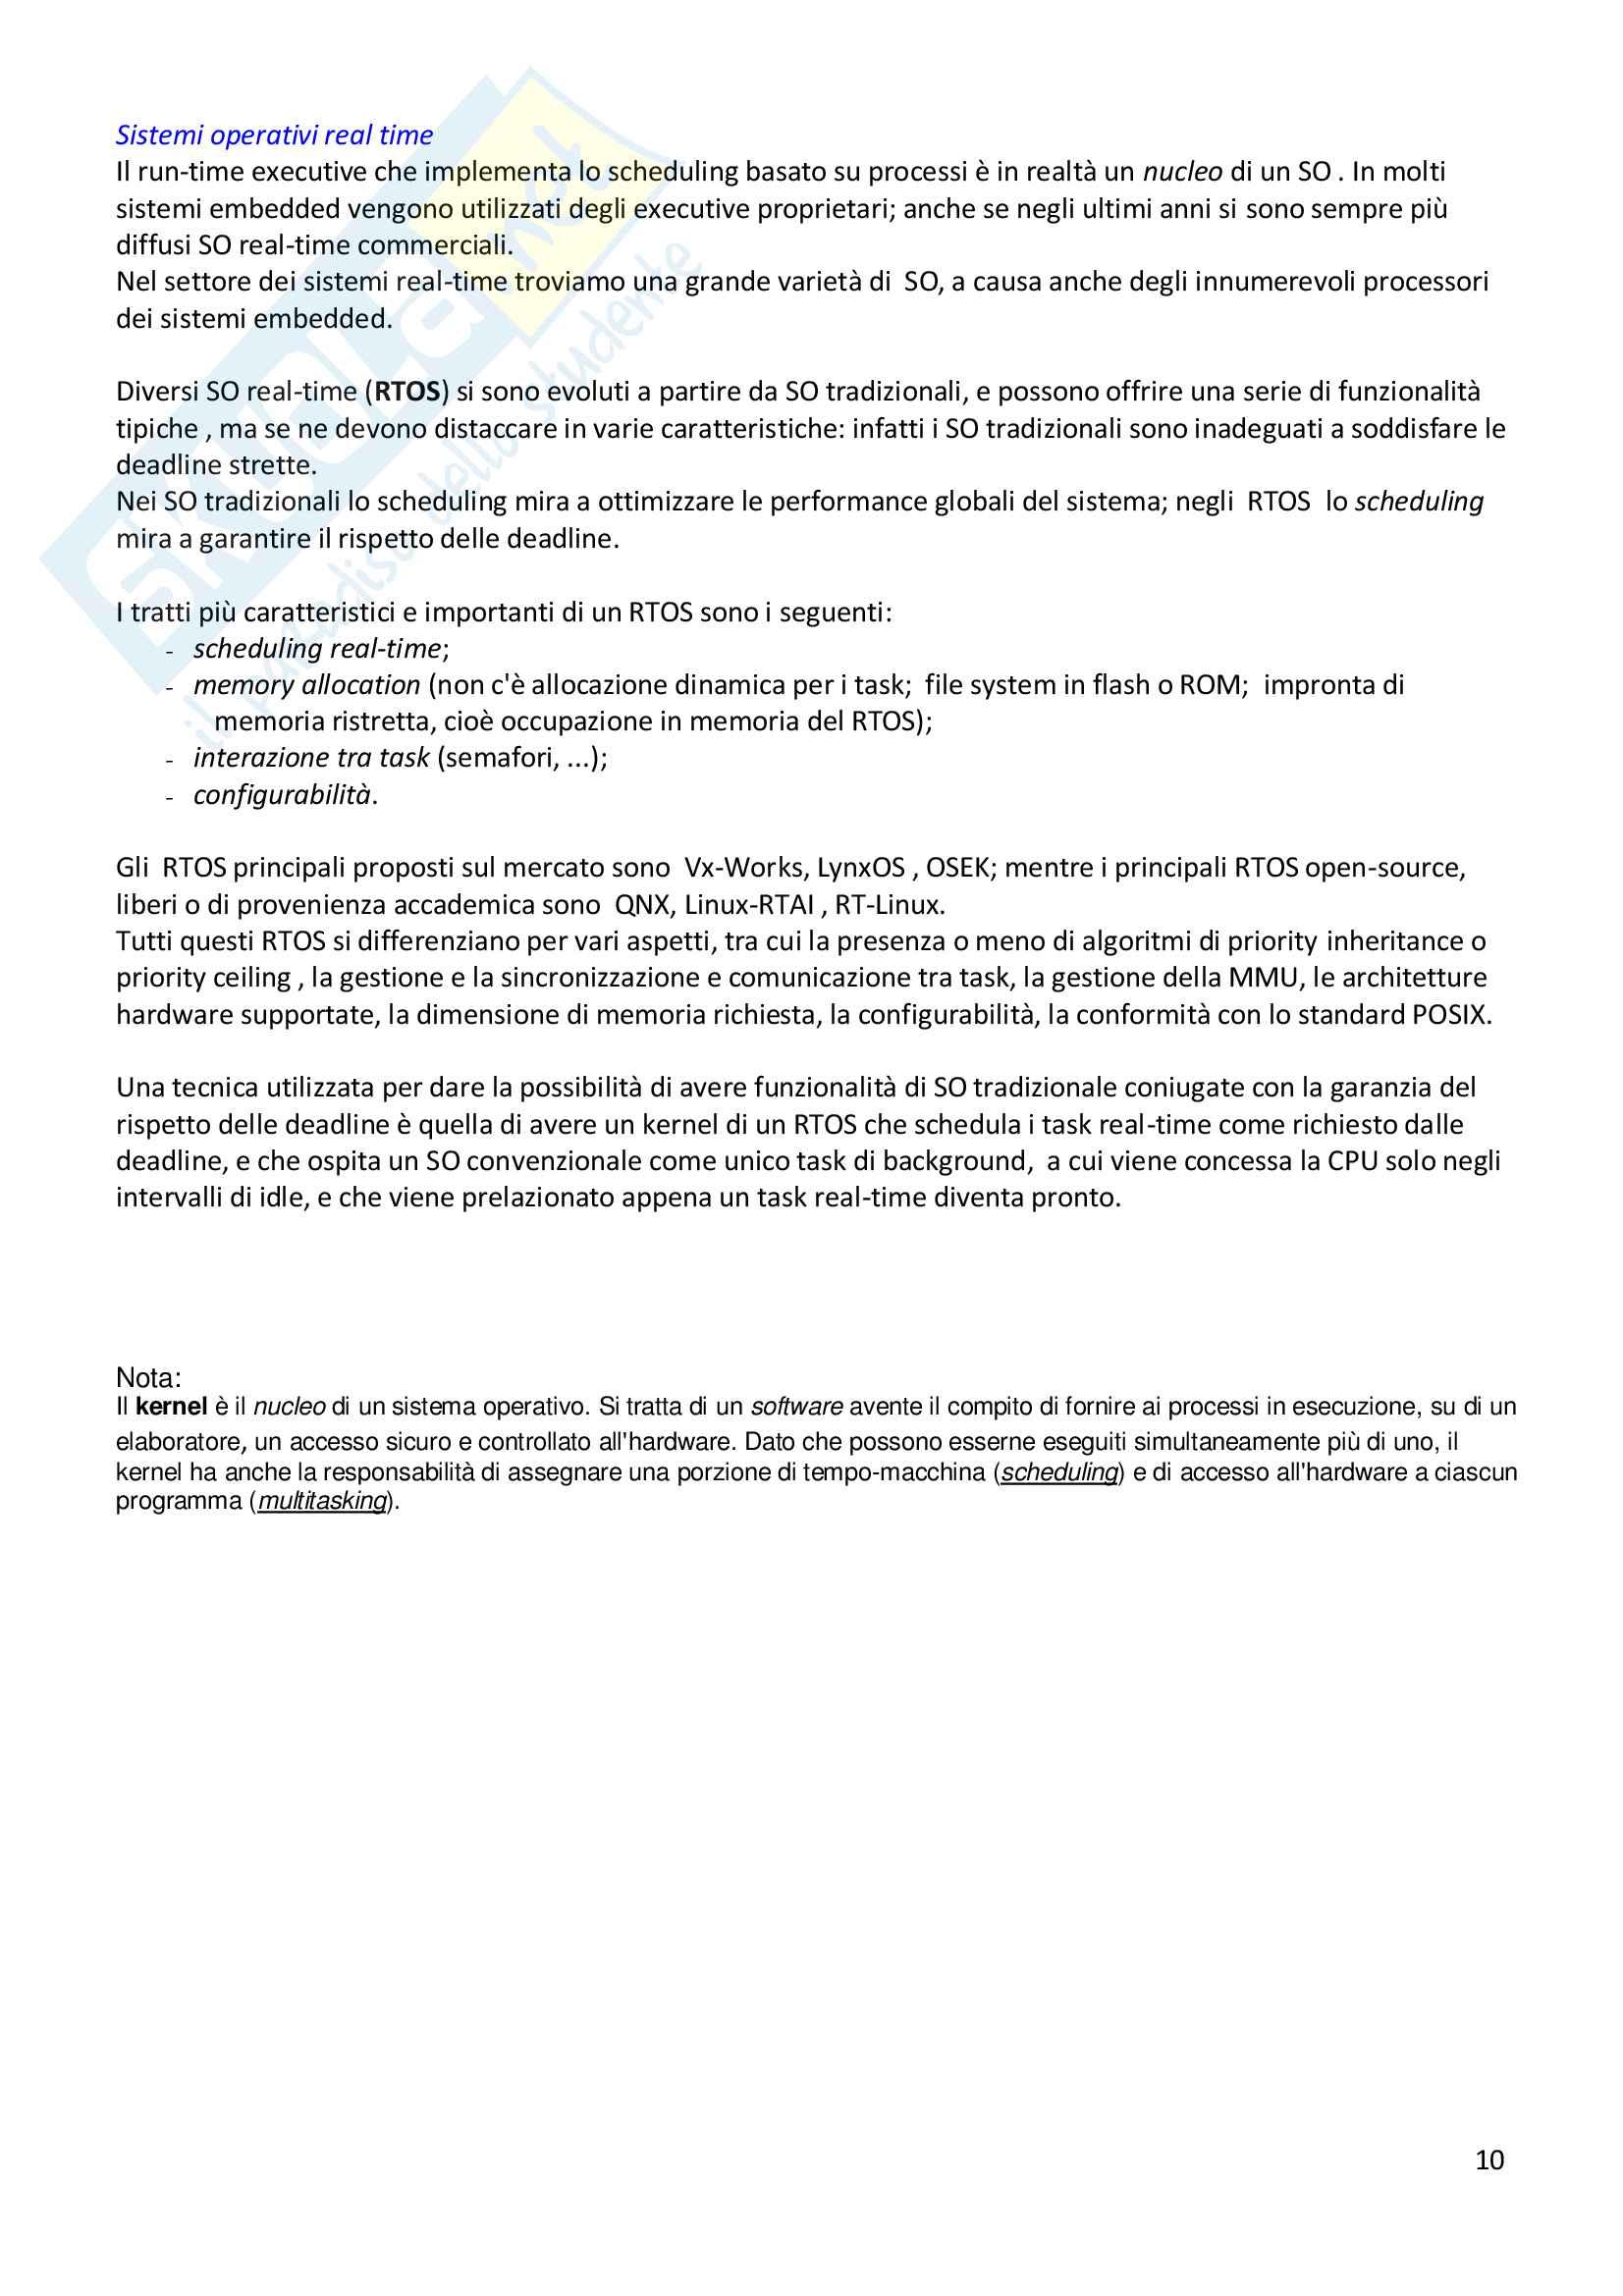 Riassunto Informatica industriale Pag. 11